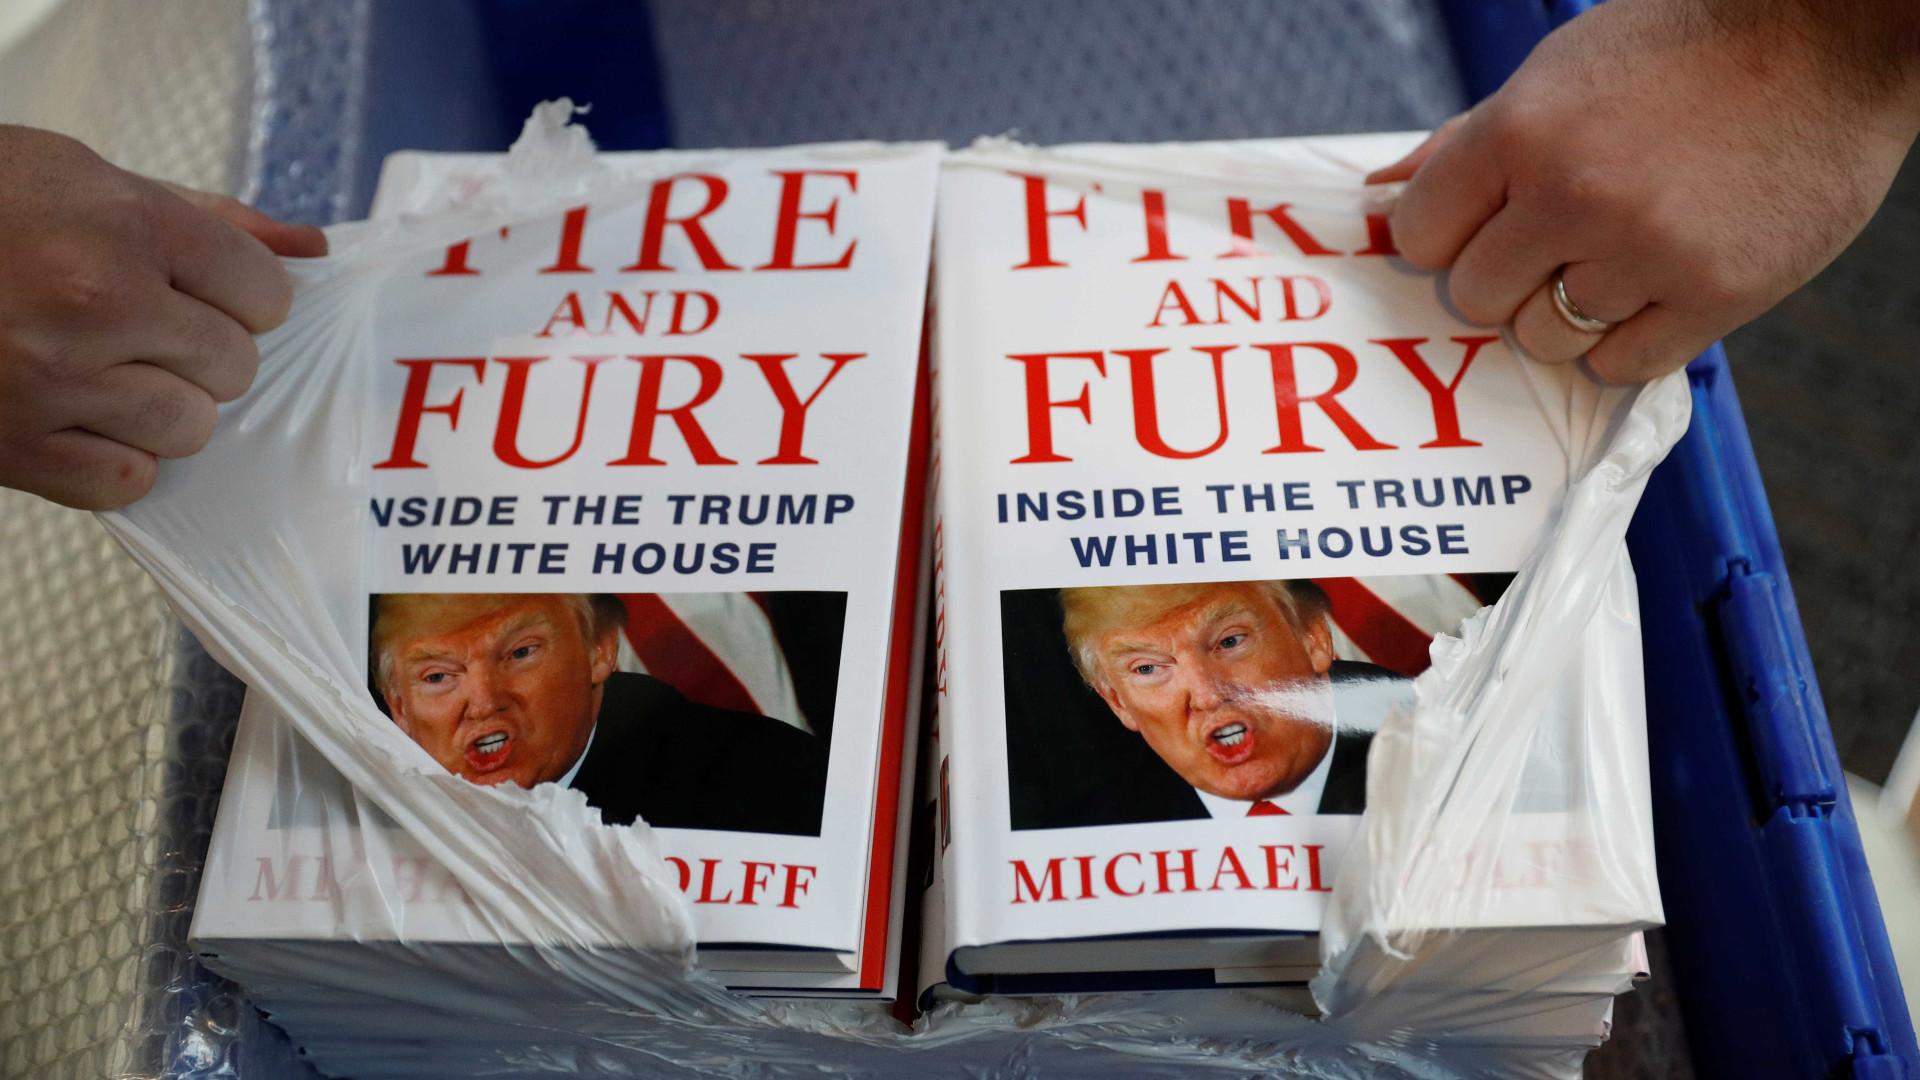 Livro sobre Trump que tem causado polémica chega em Fevereiro